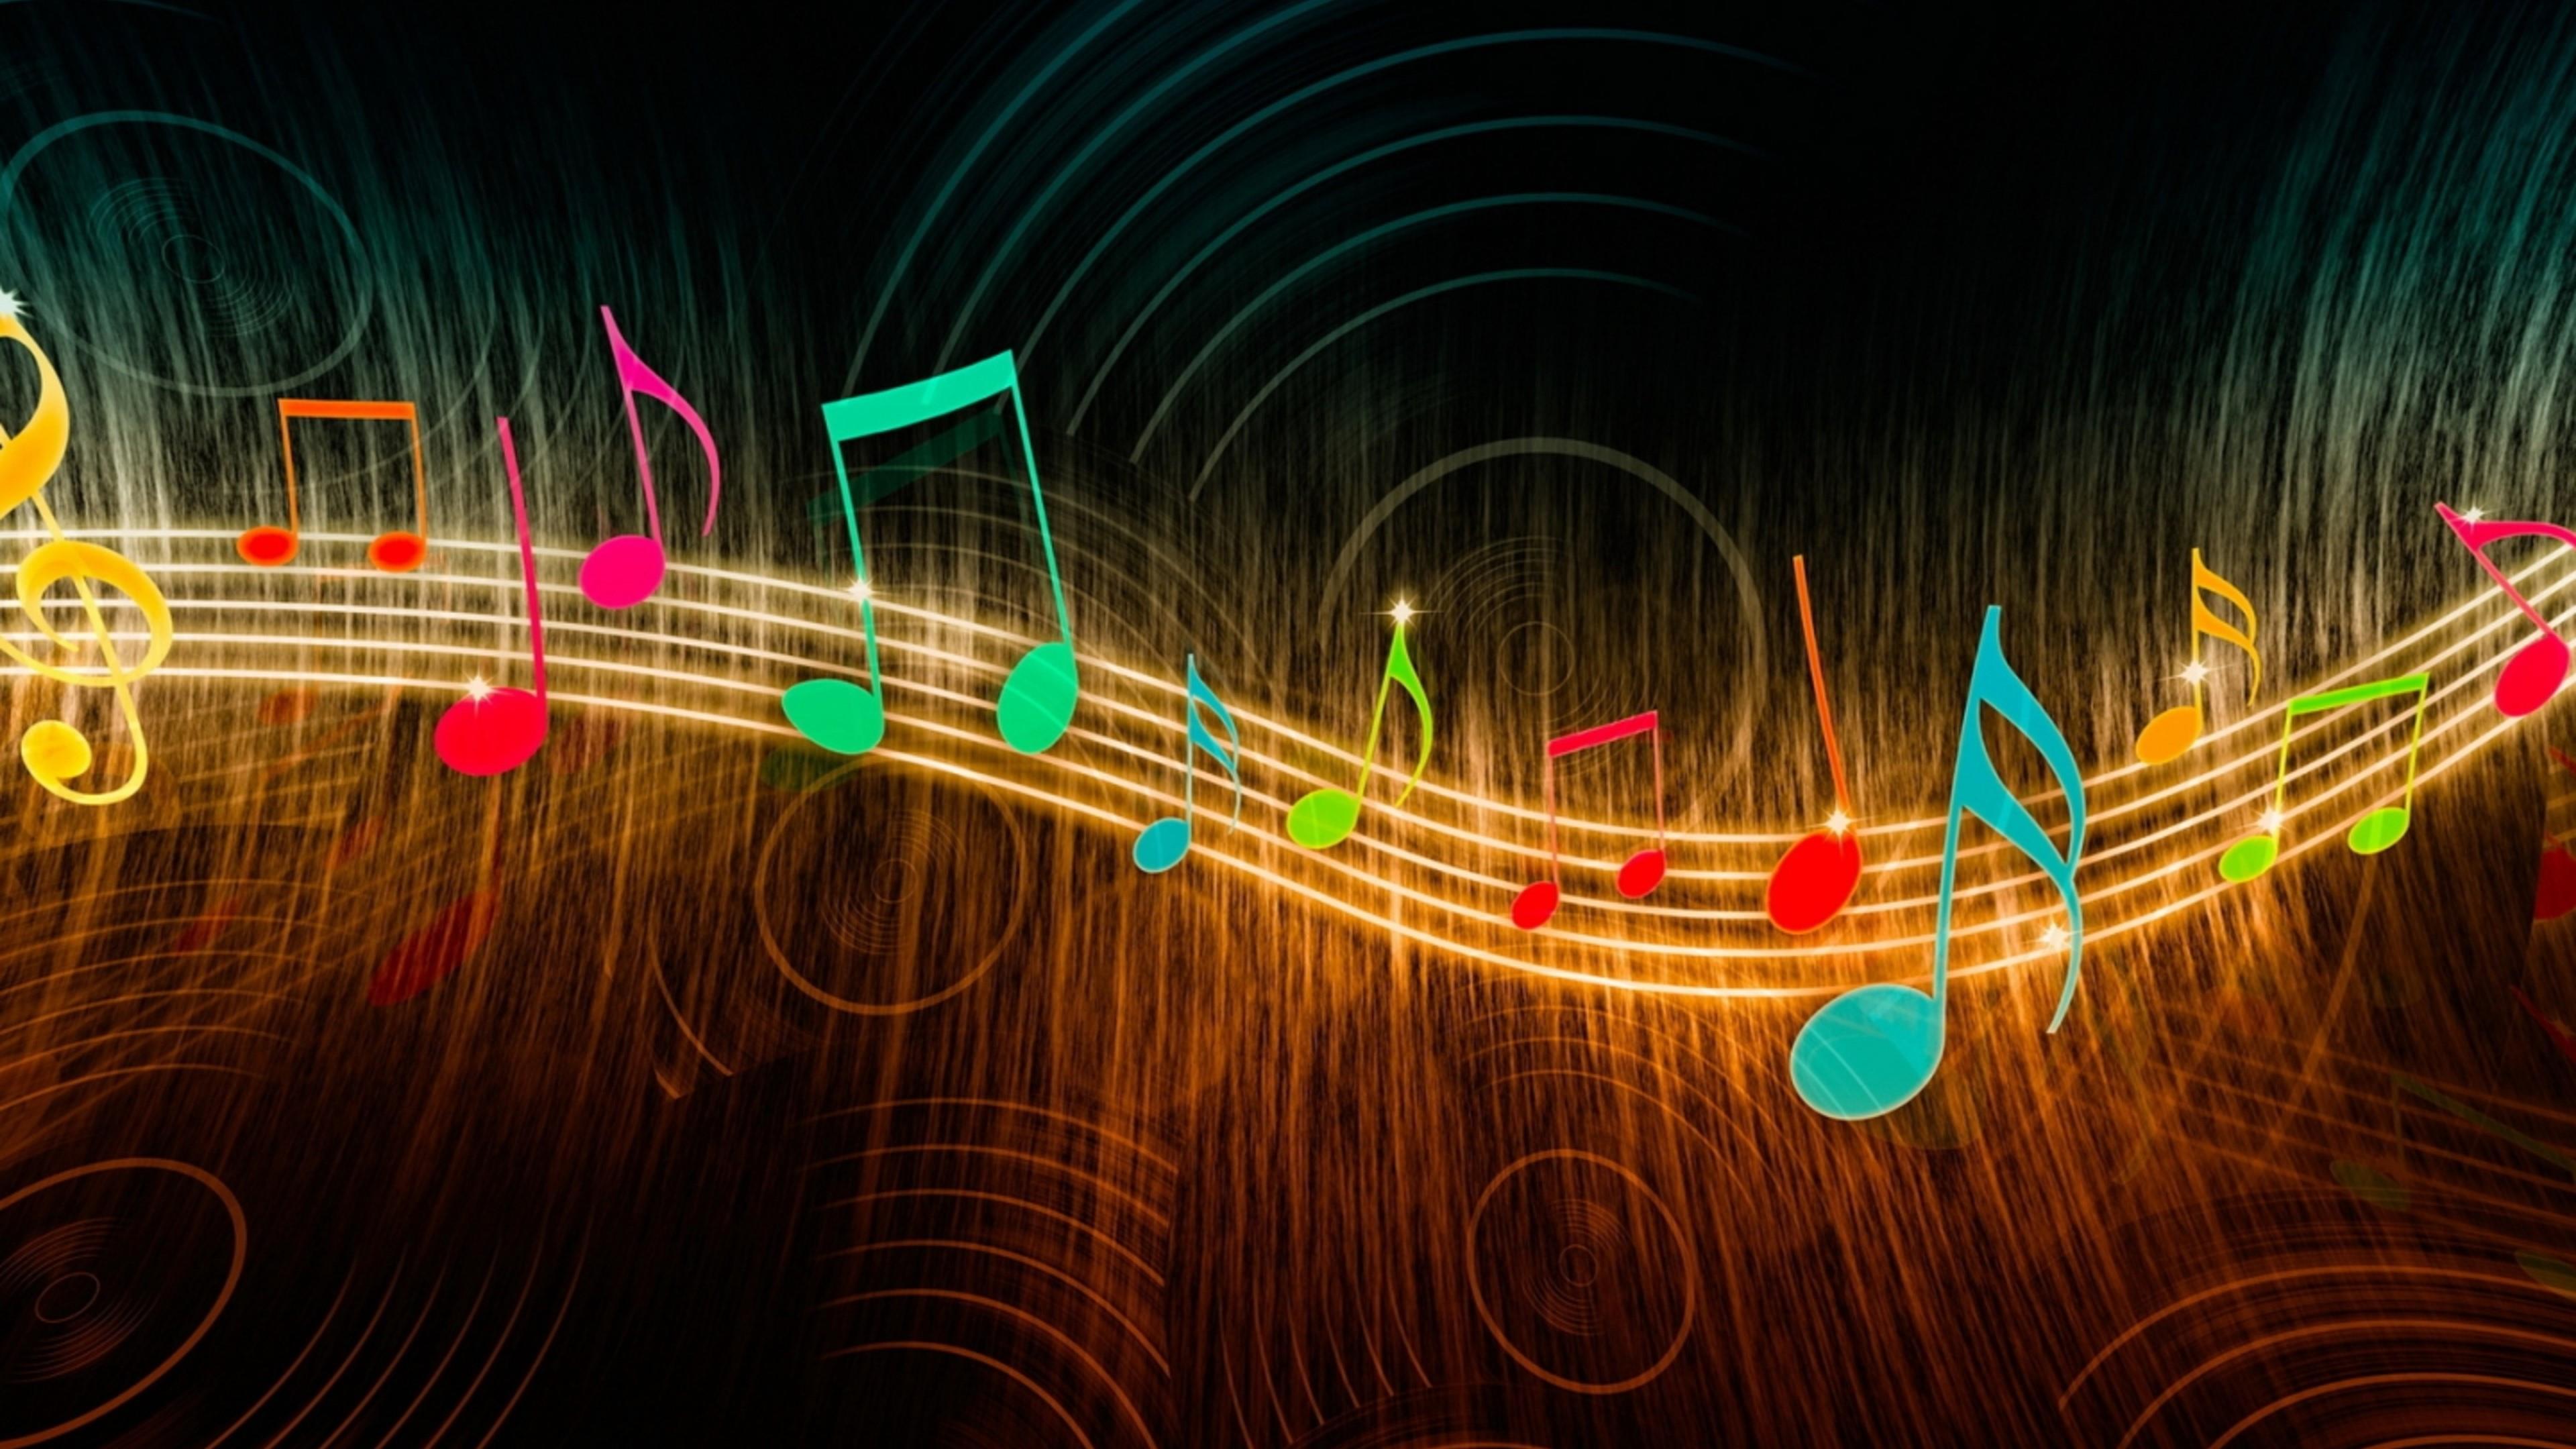 Colorful music note digital art wallpaper